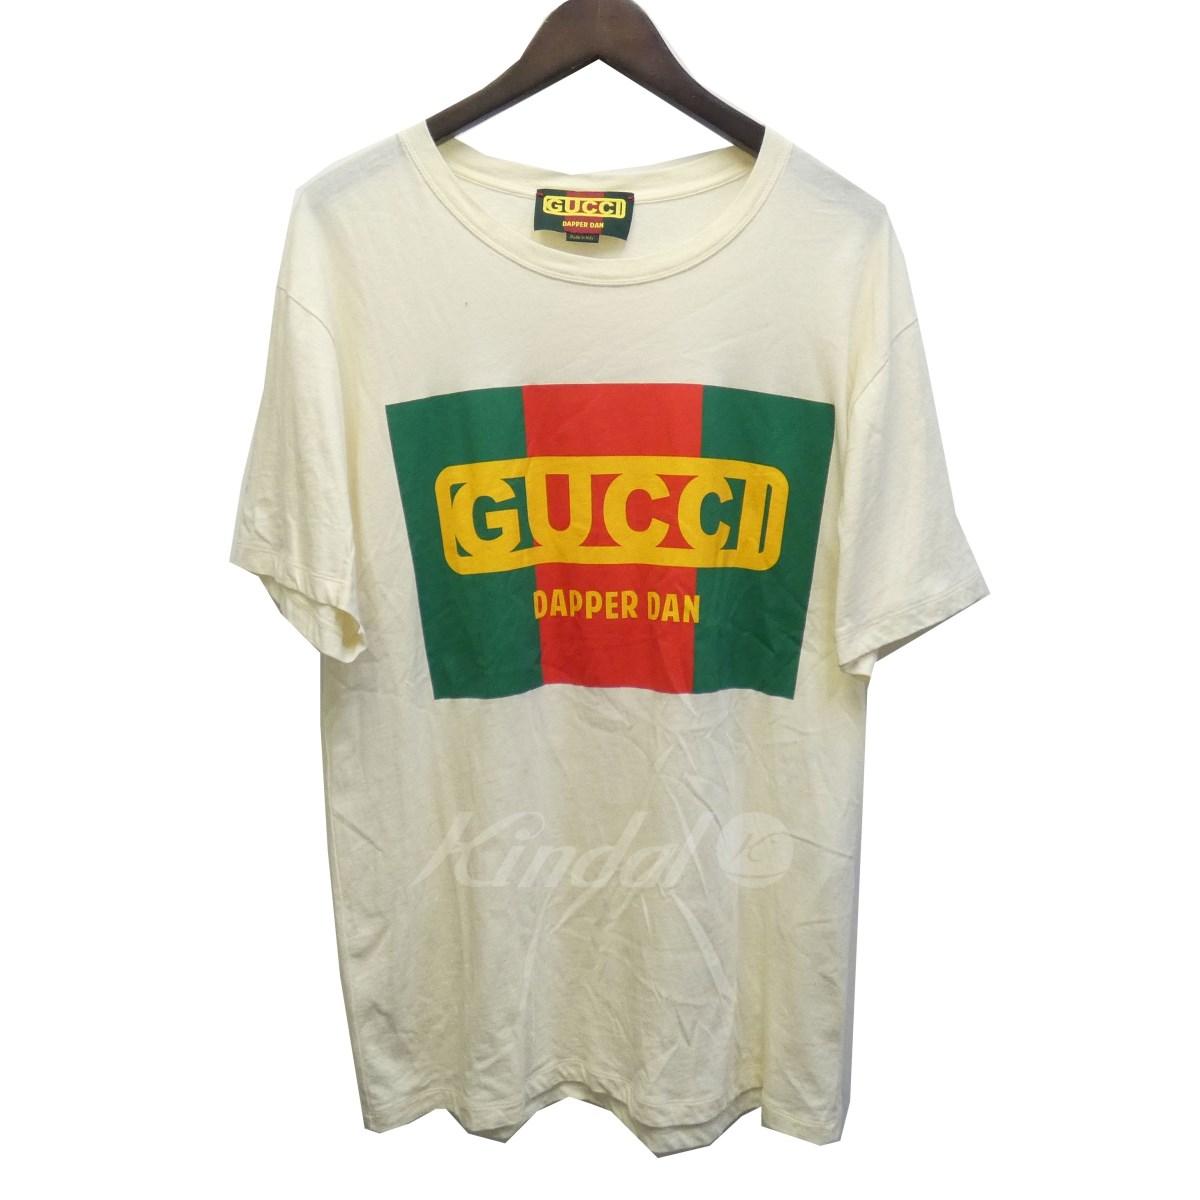 【3月14日 お値段見直しました】【中古】GUCCI18AW「Oversize Gucci-Dapper Dan T-shirt」オーバーサイズTシャツ アイボリー サイズ:1